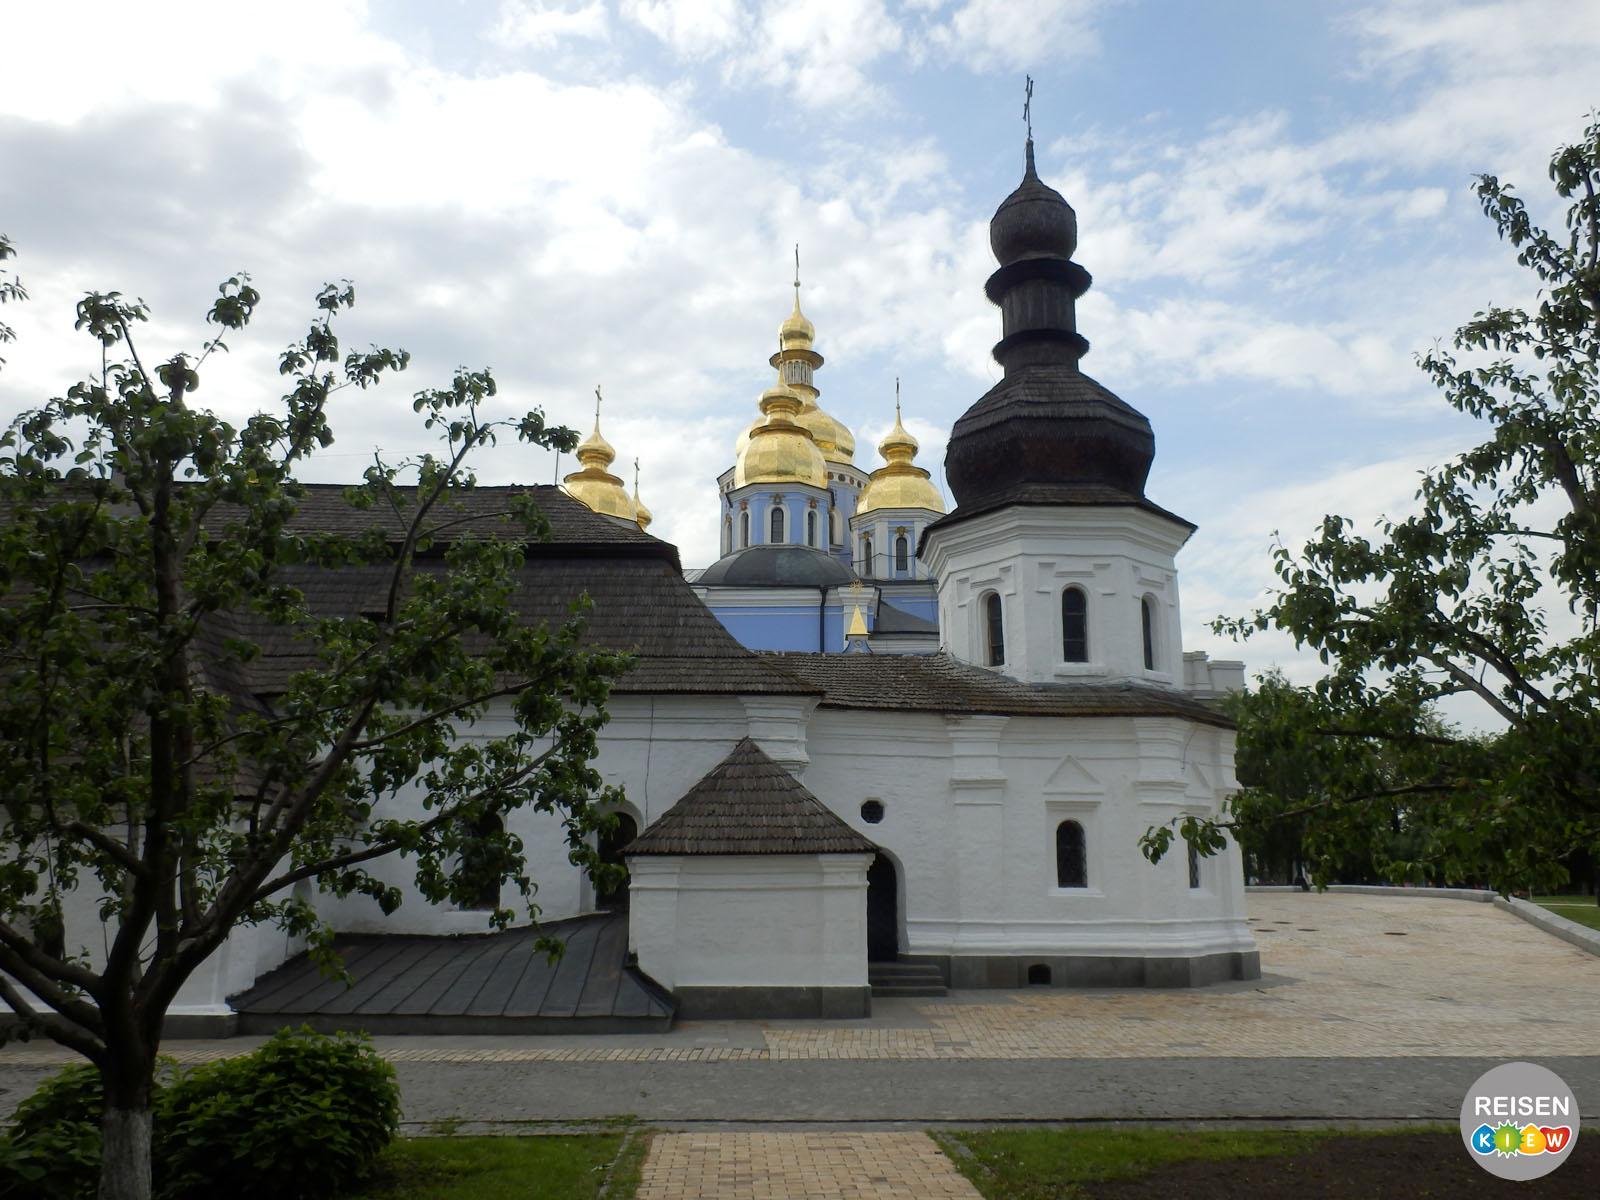 Kirche von Johannes dem Täufer